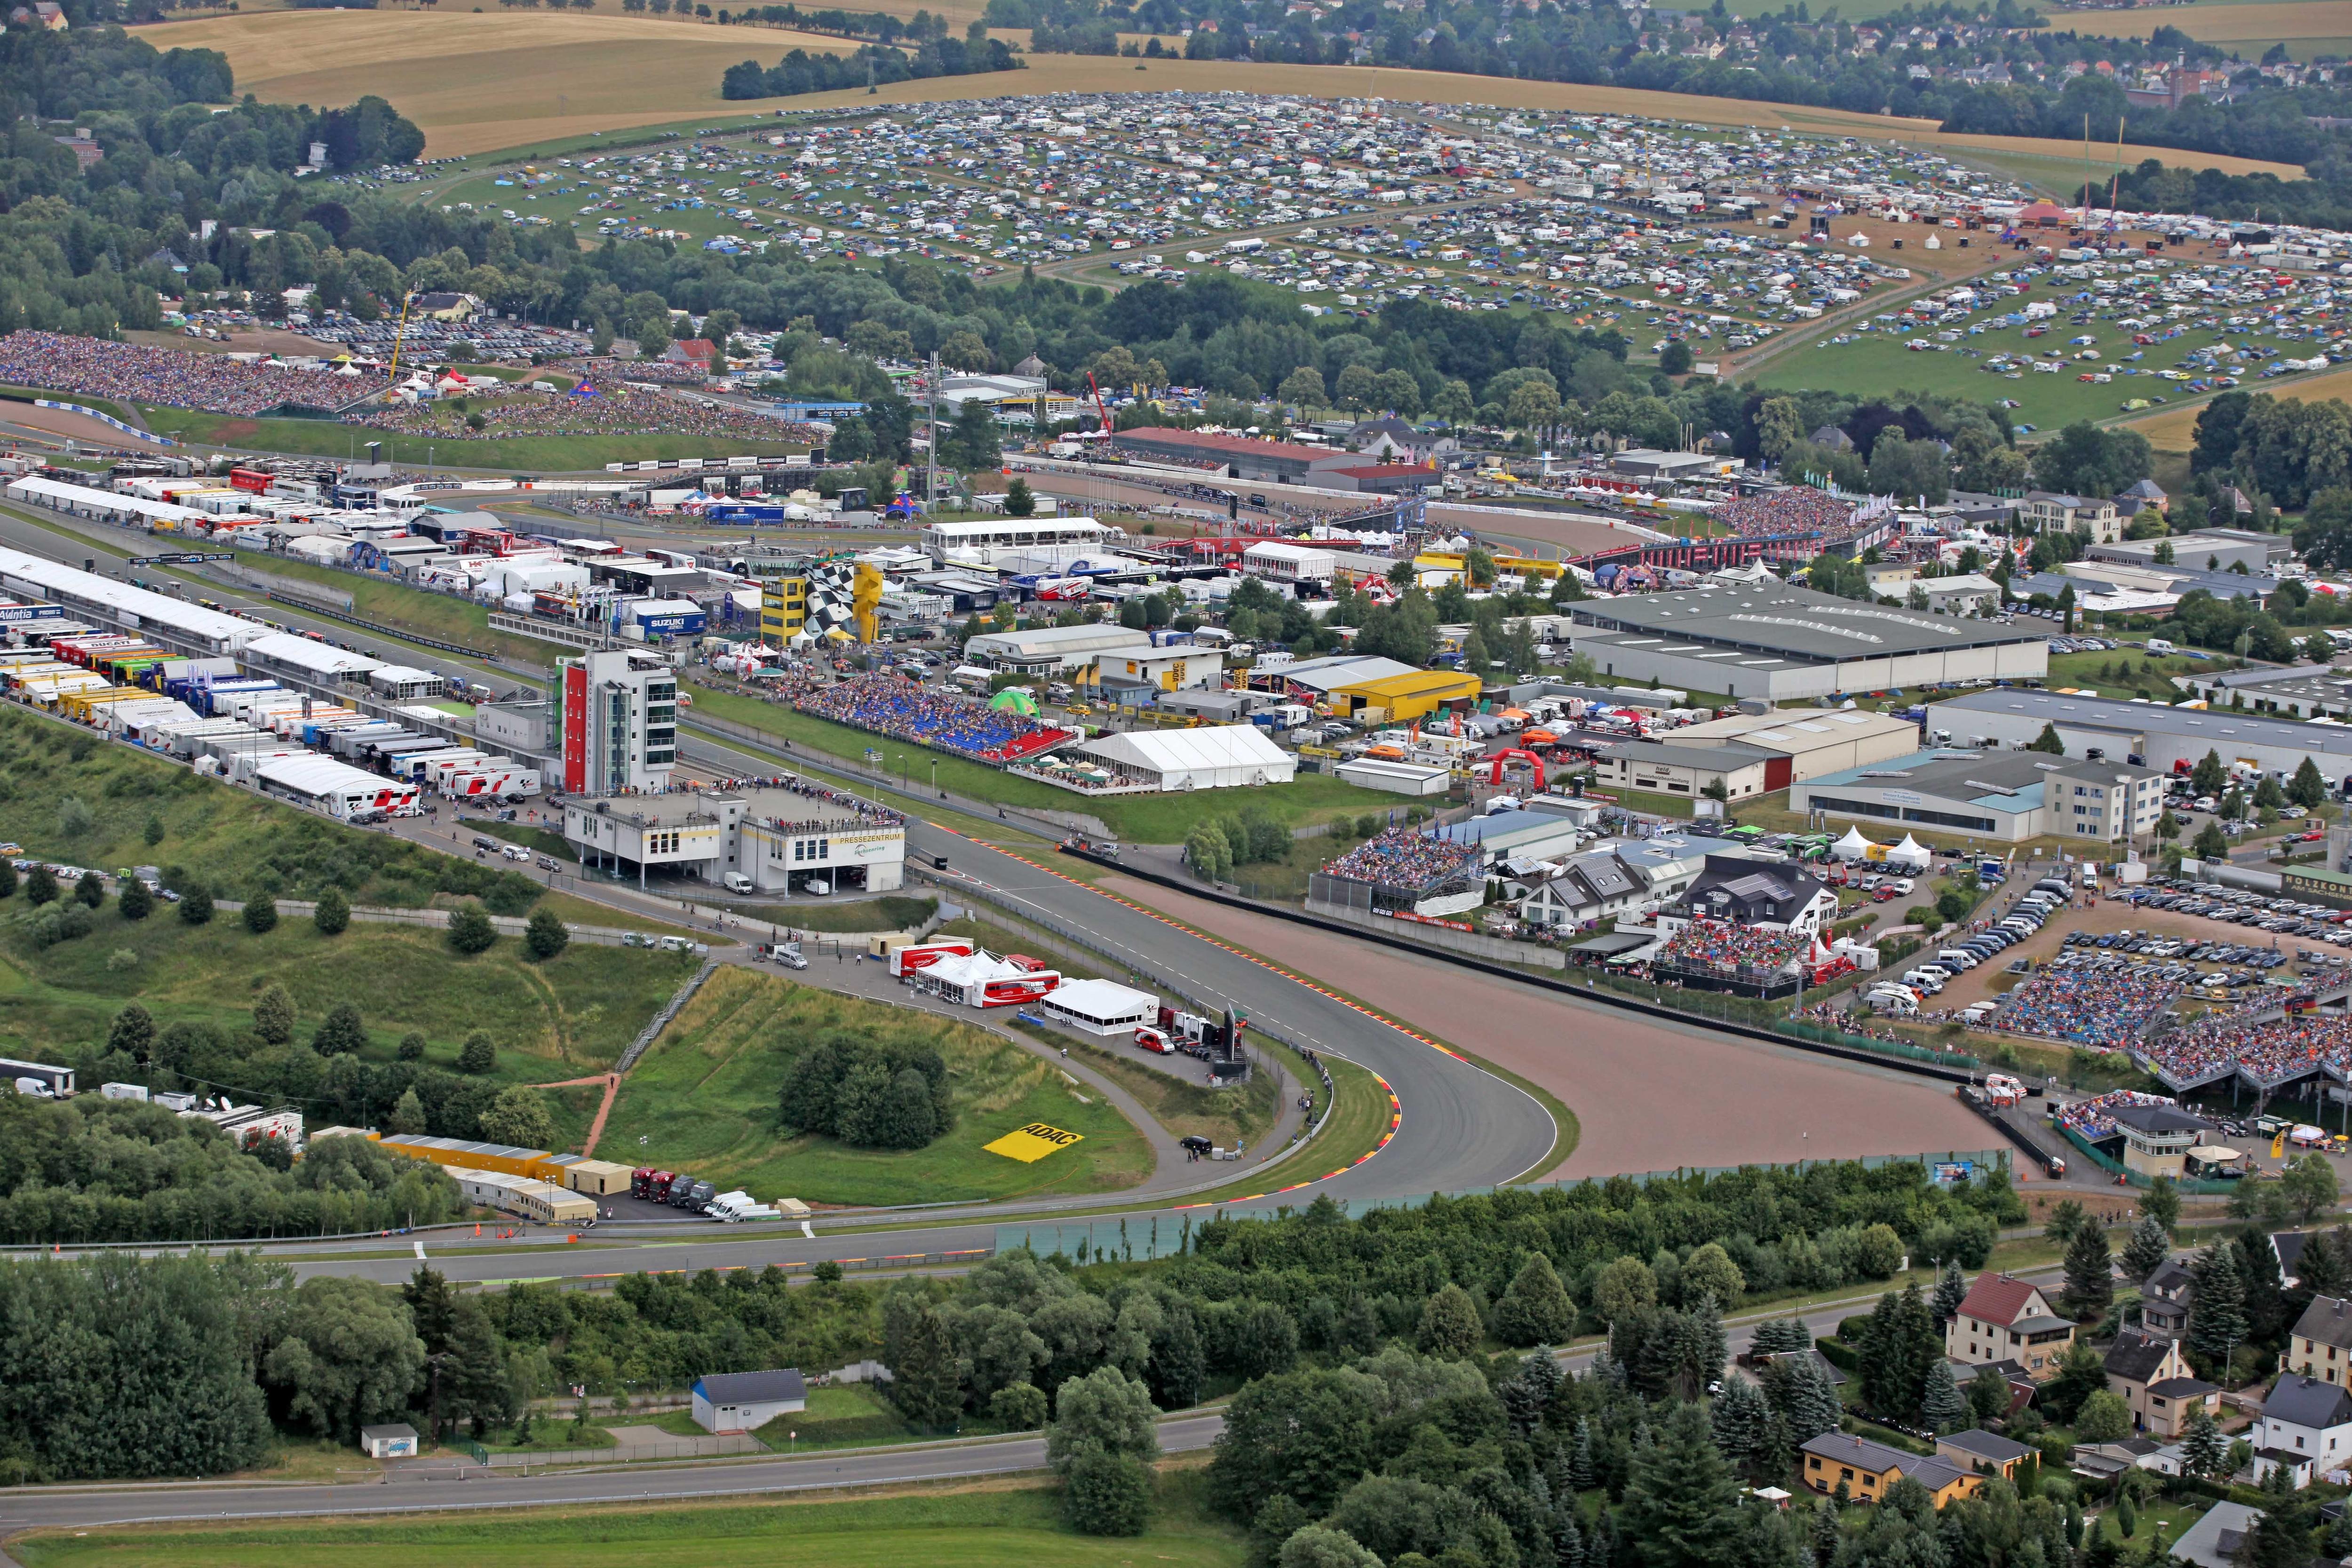 Circuito Sachsenring : La motogp fa tappa al sachsenring info orari e record del gran